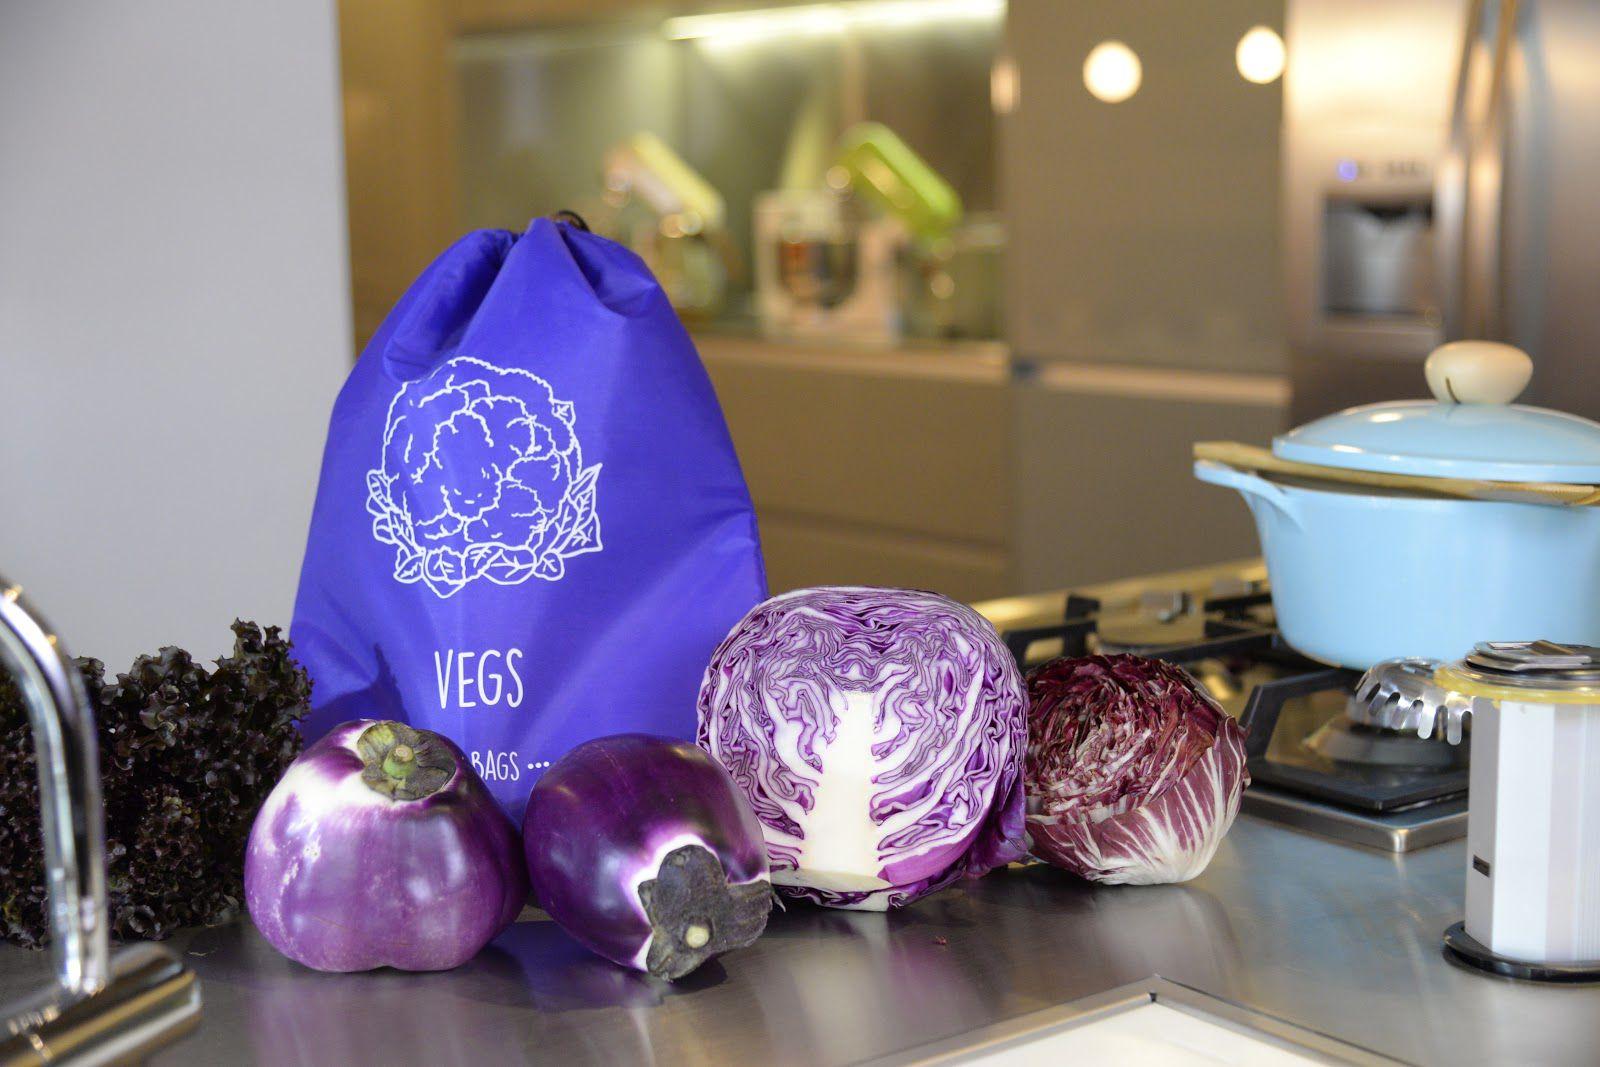 Sacola para legumes Sobags VEGS